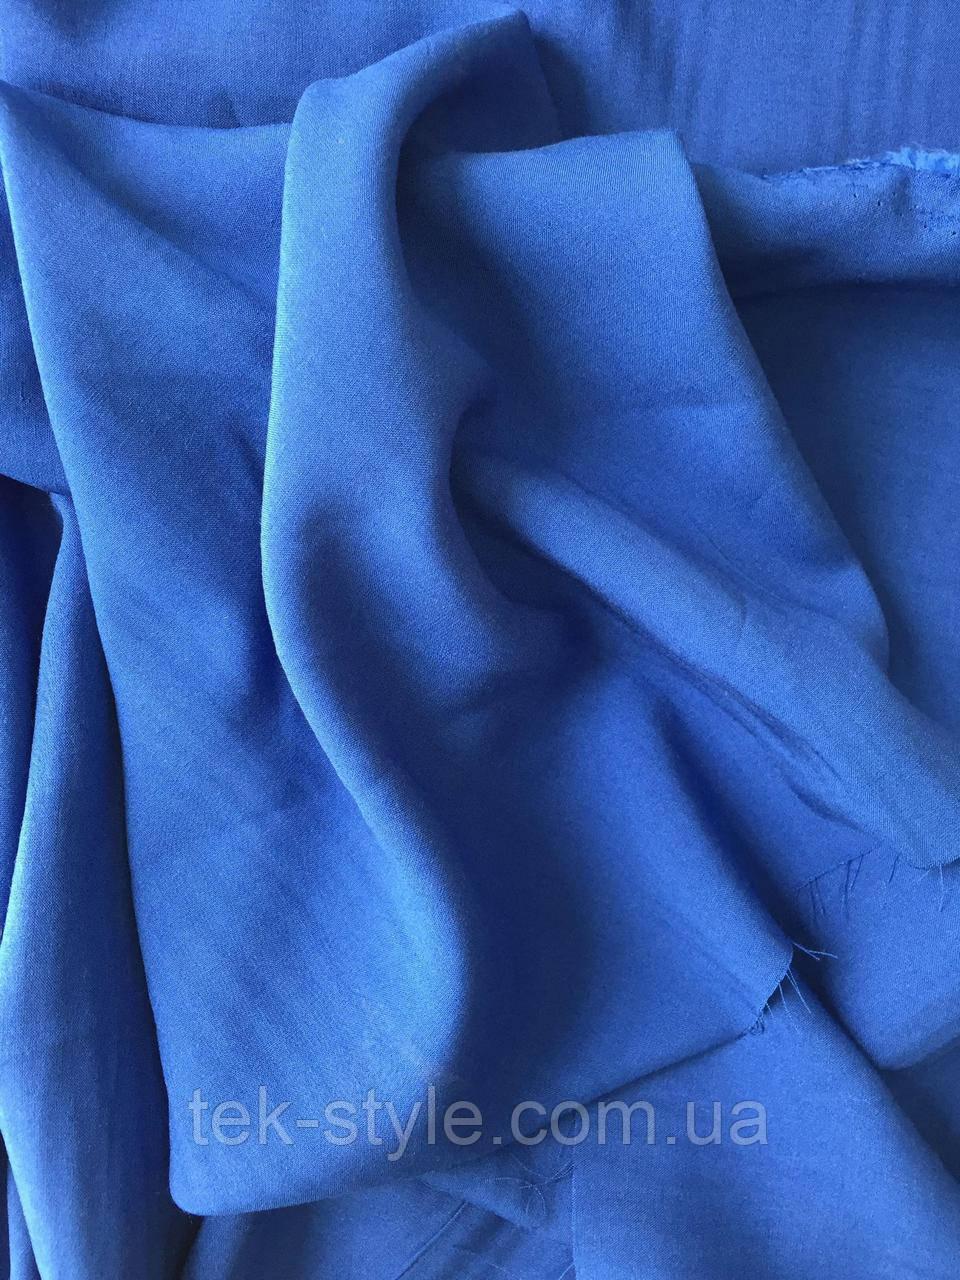 Штапель Синий